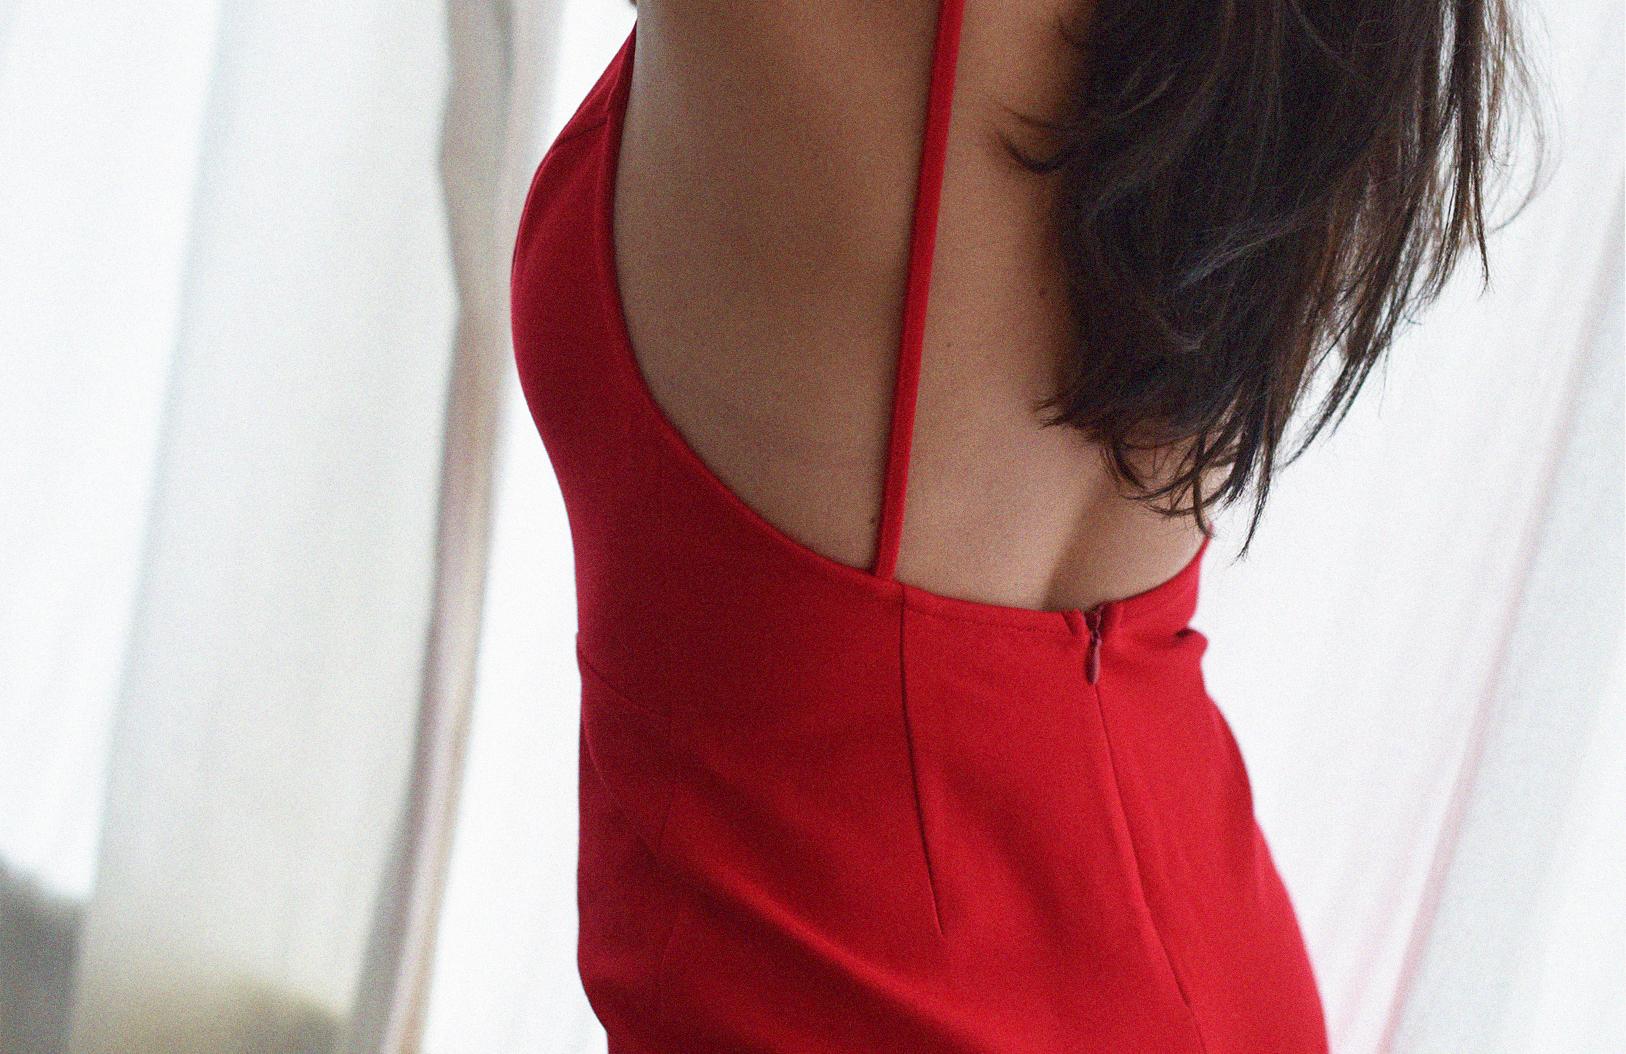 tobi_red_dress8